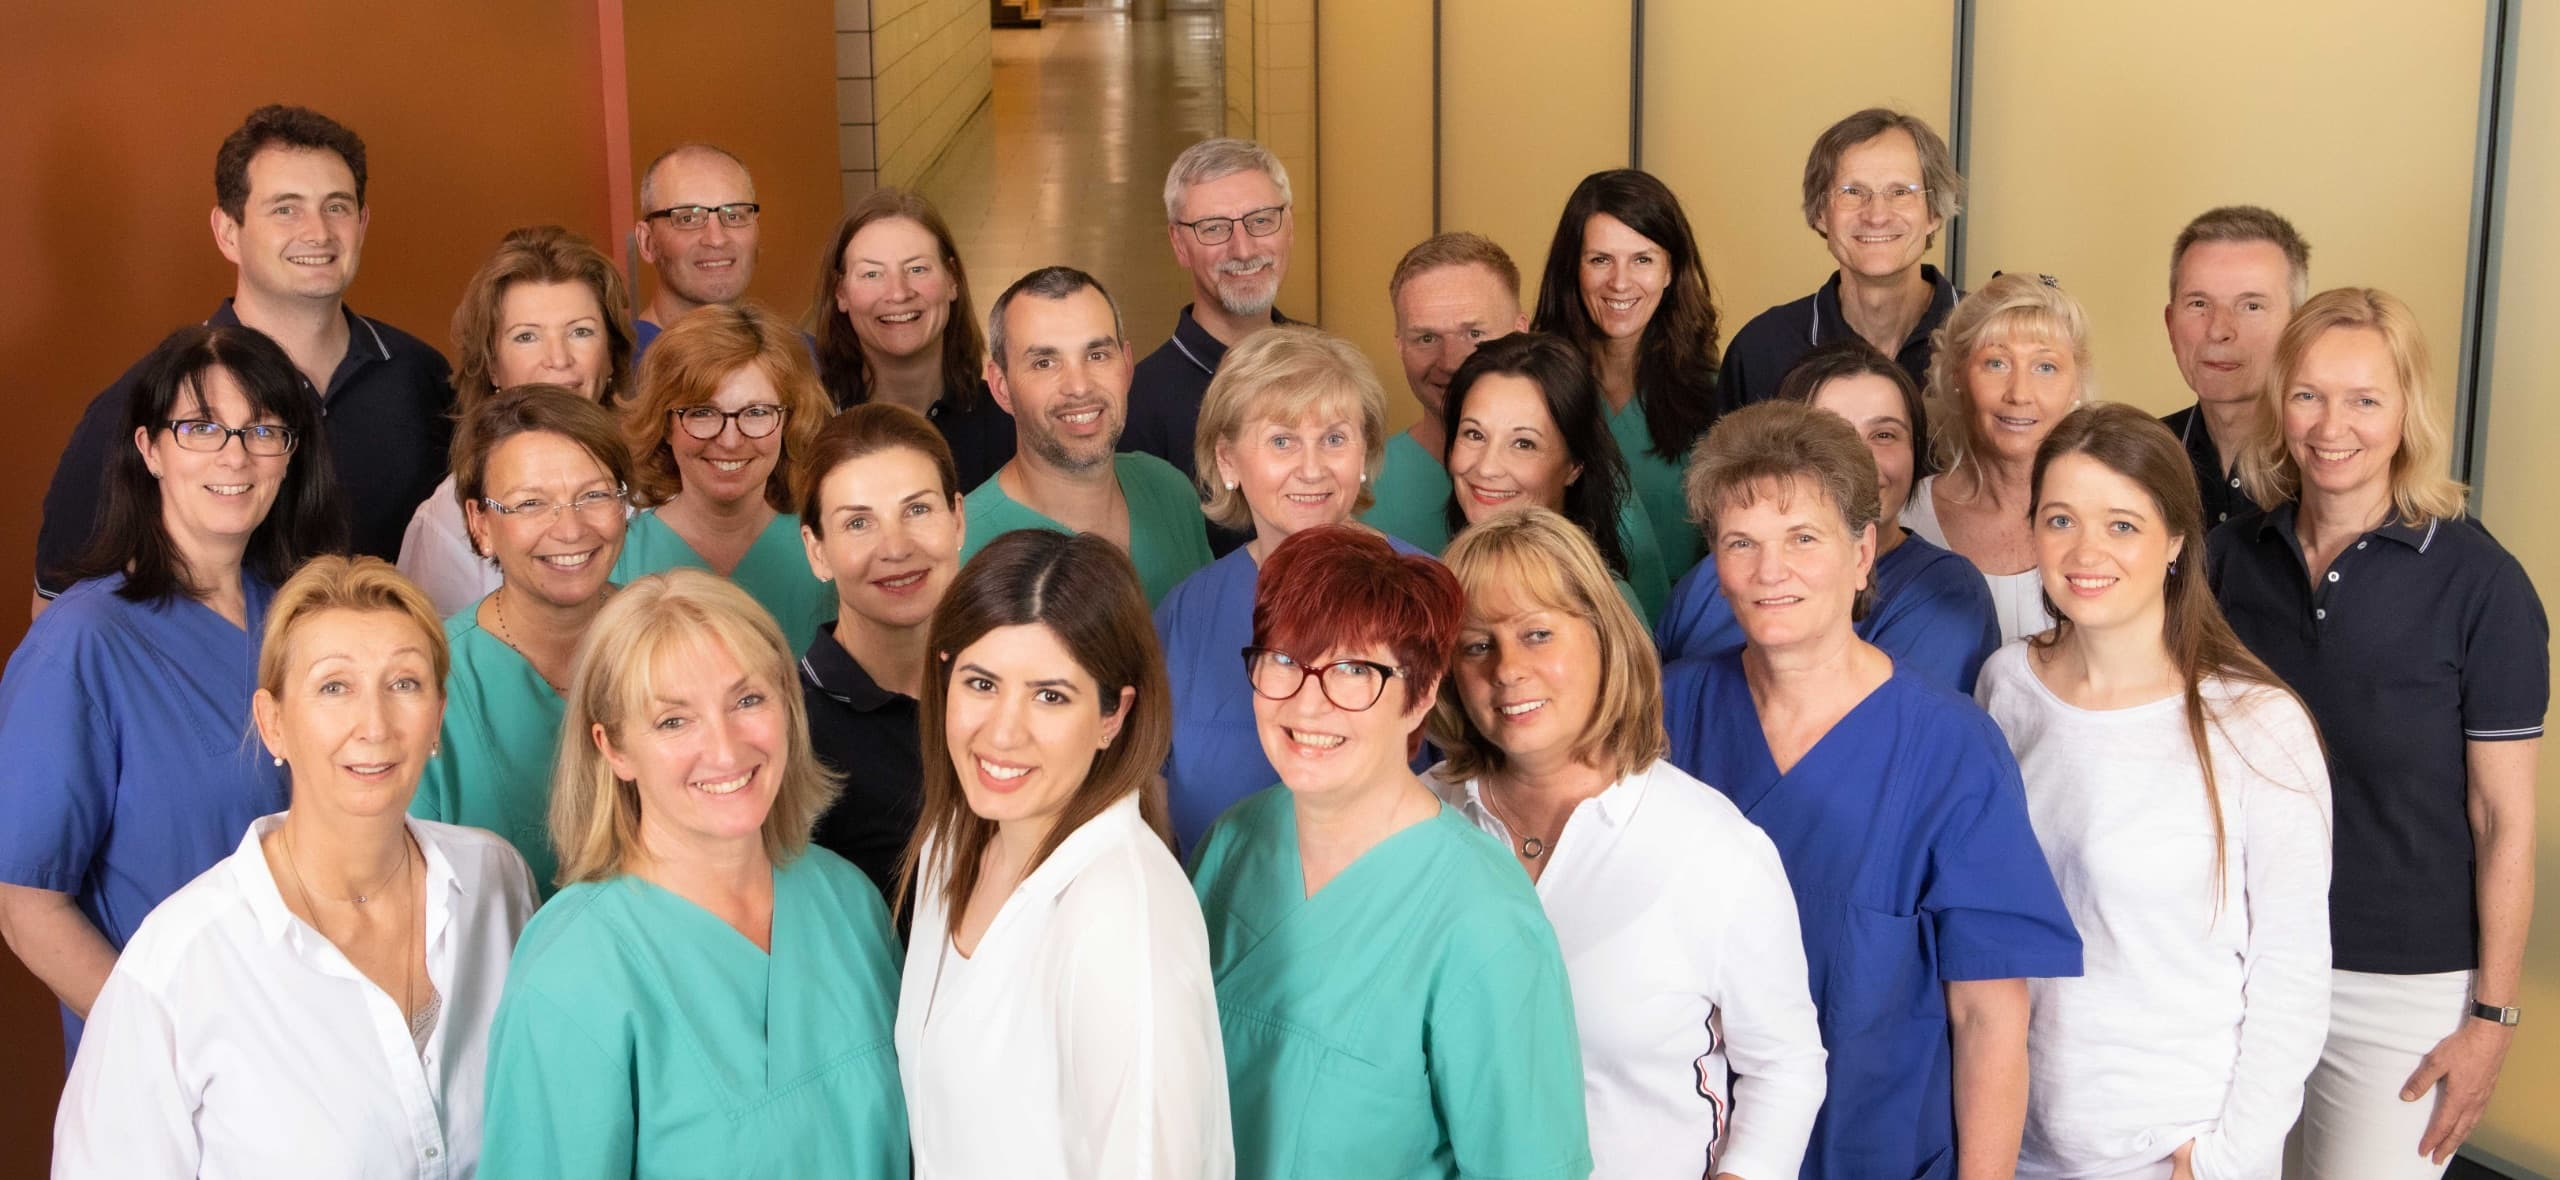 gruppenfoto des teams der gemeinschaftspraxis fuer anaesthesie pan klinik 1